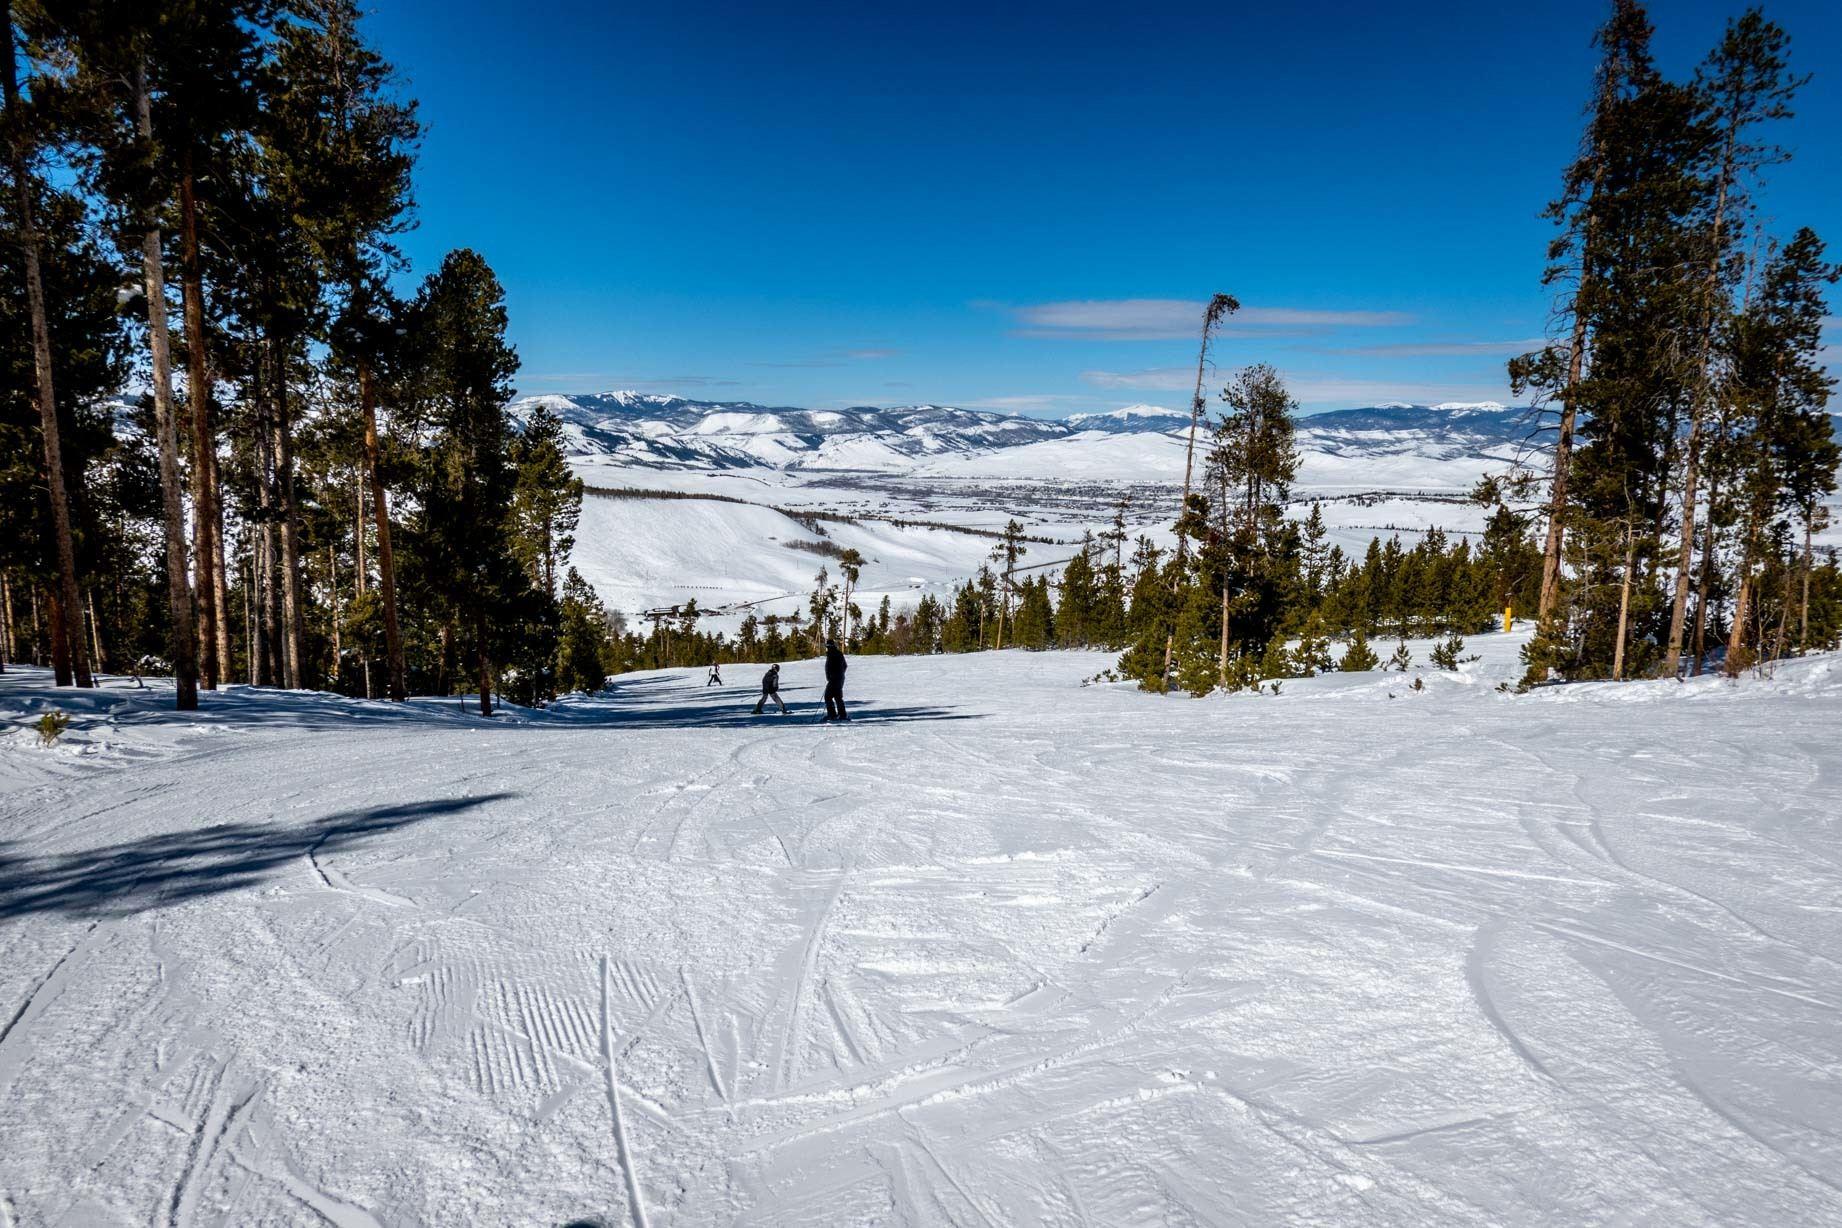 Ski run with people skiing